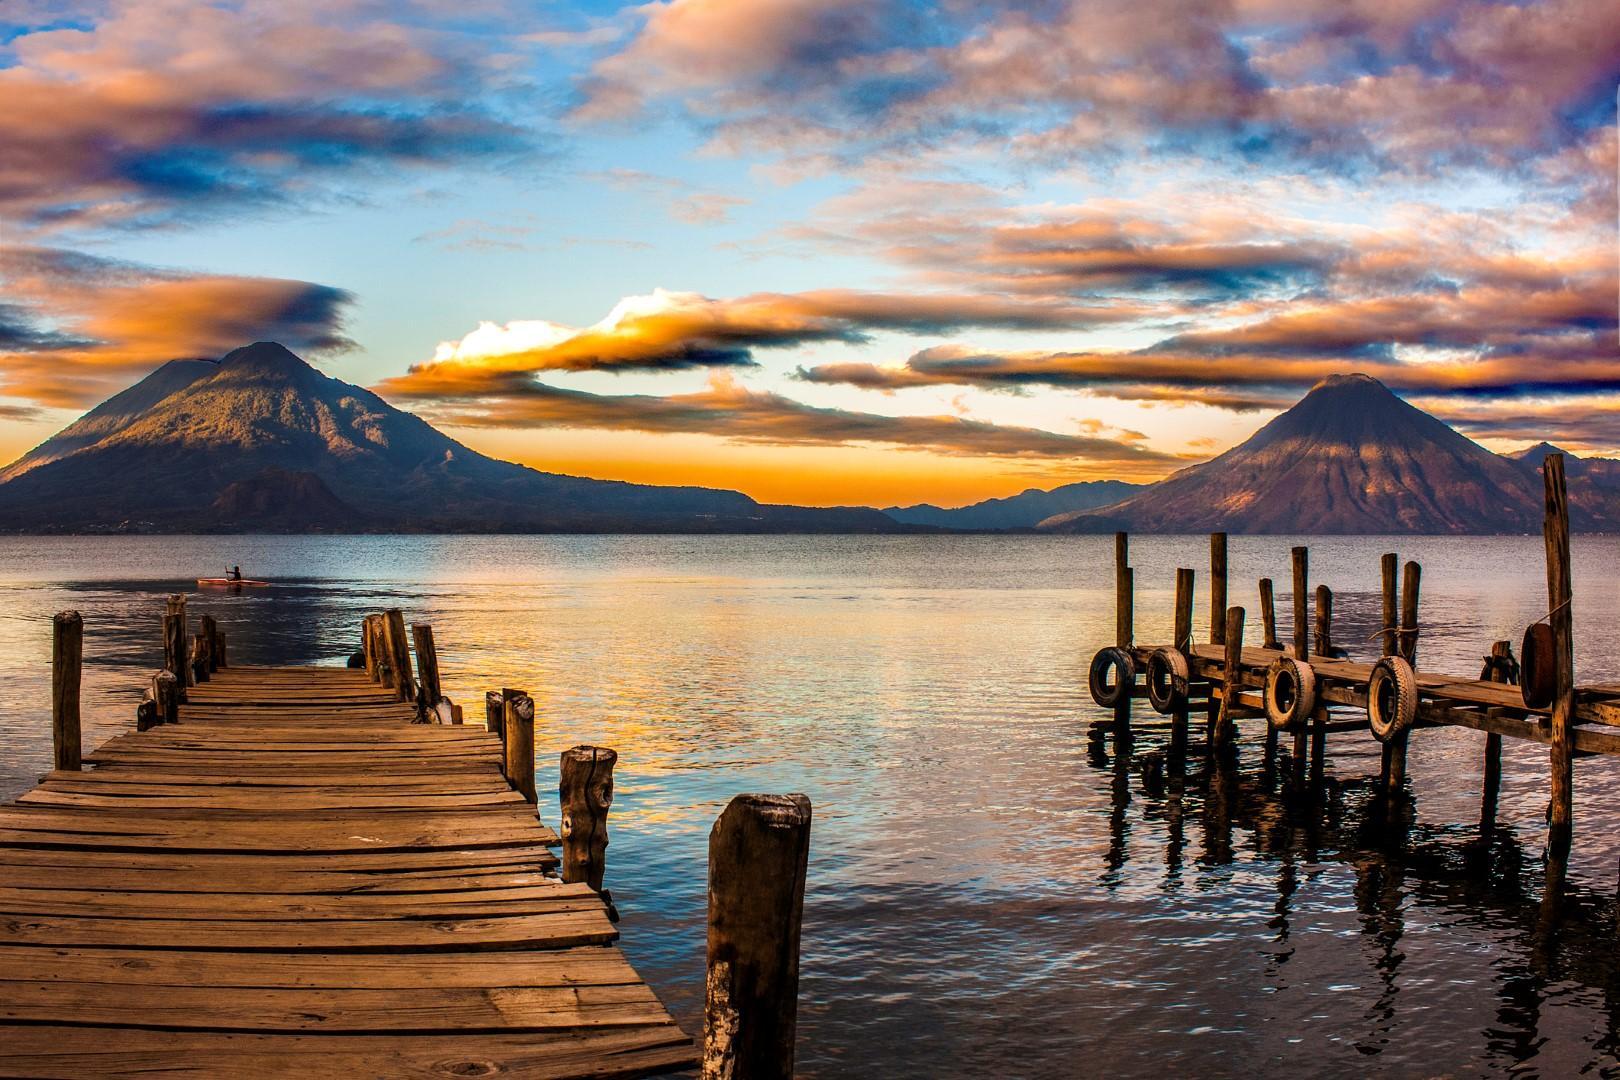 Il Centroamerica, natura strepitosa e turismo ecologico